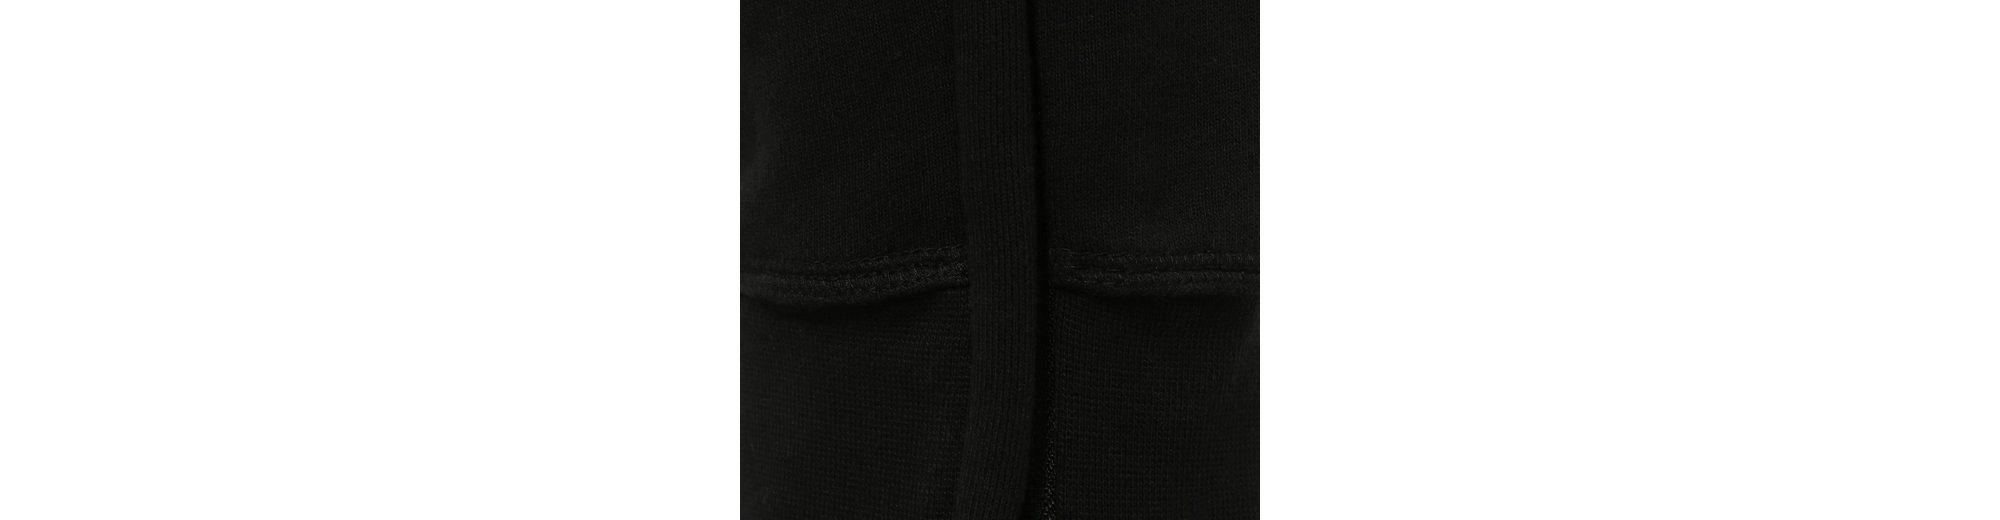 Spielraum Sammlungen Nike Team Venom Trainingshose Herren Footlocker Billig Verkauf Bestes Geschäft Zu Bekommen Cool 5lYGm